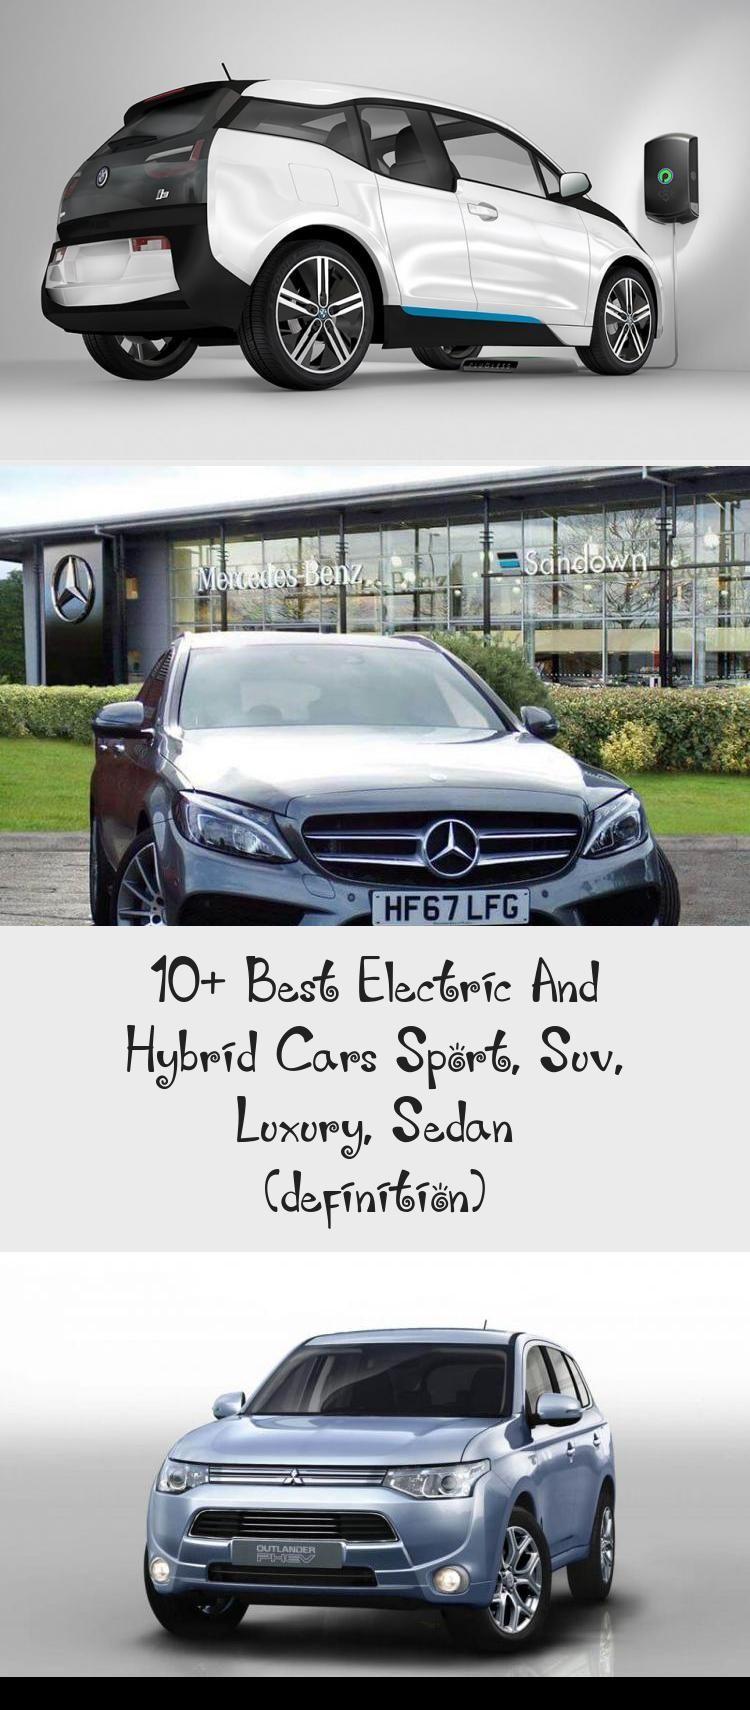 19++ Luxury hybrid sedans Free